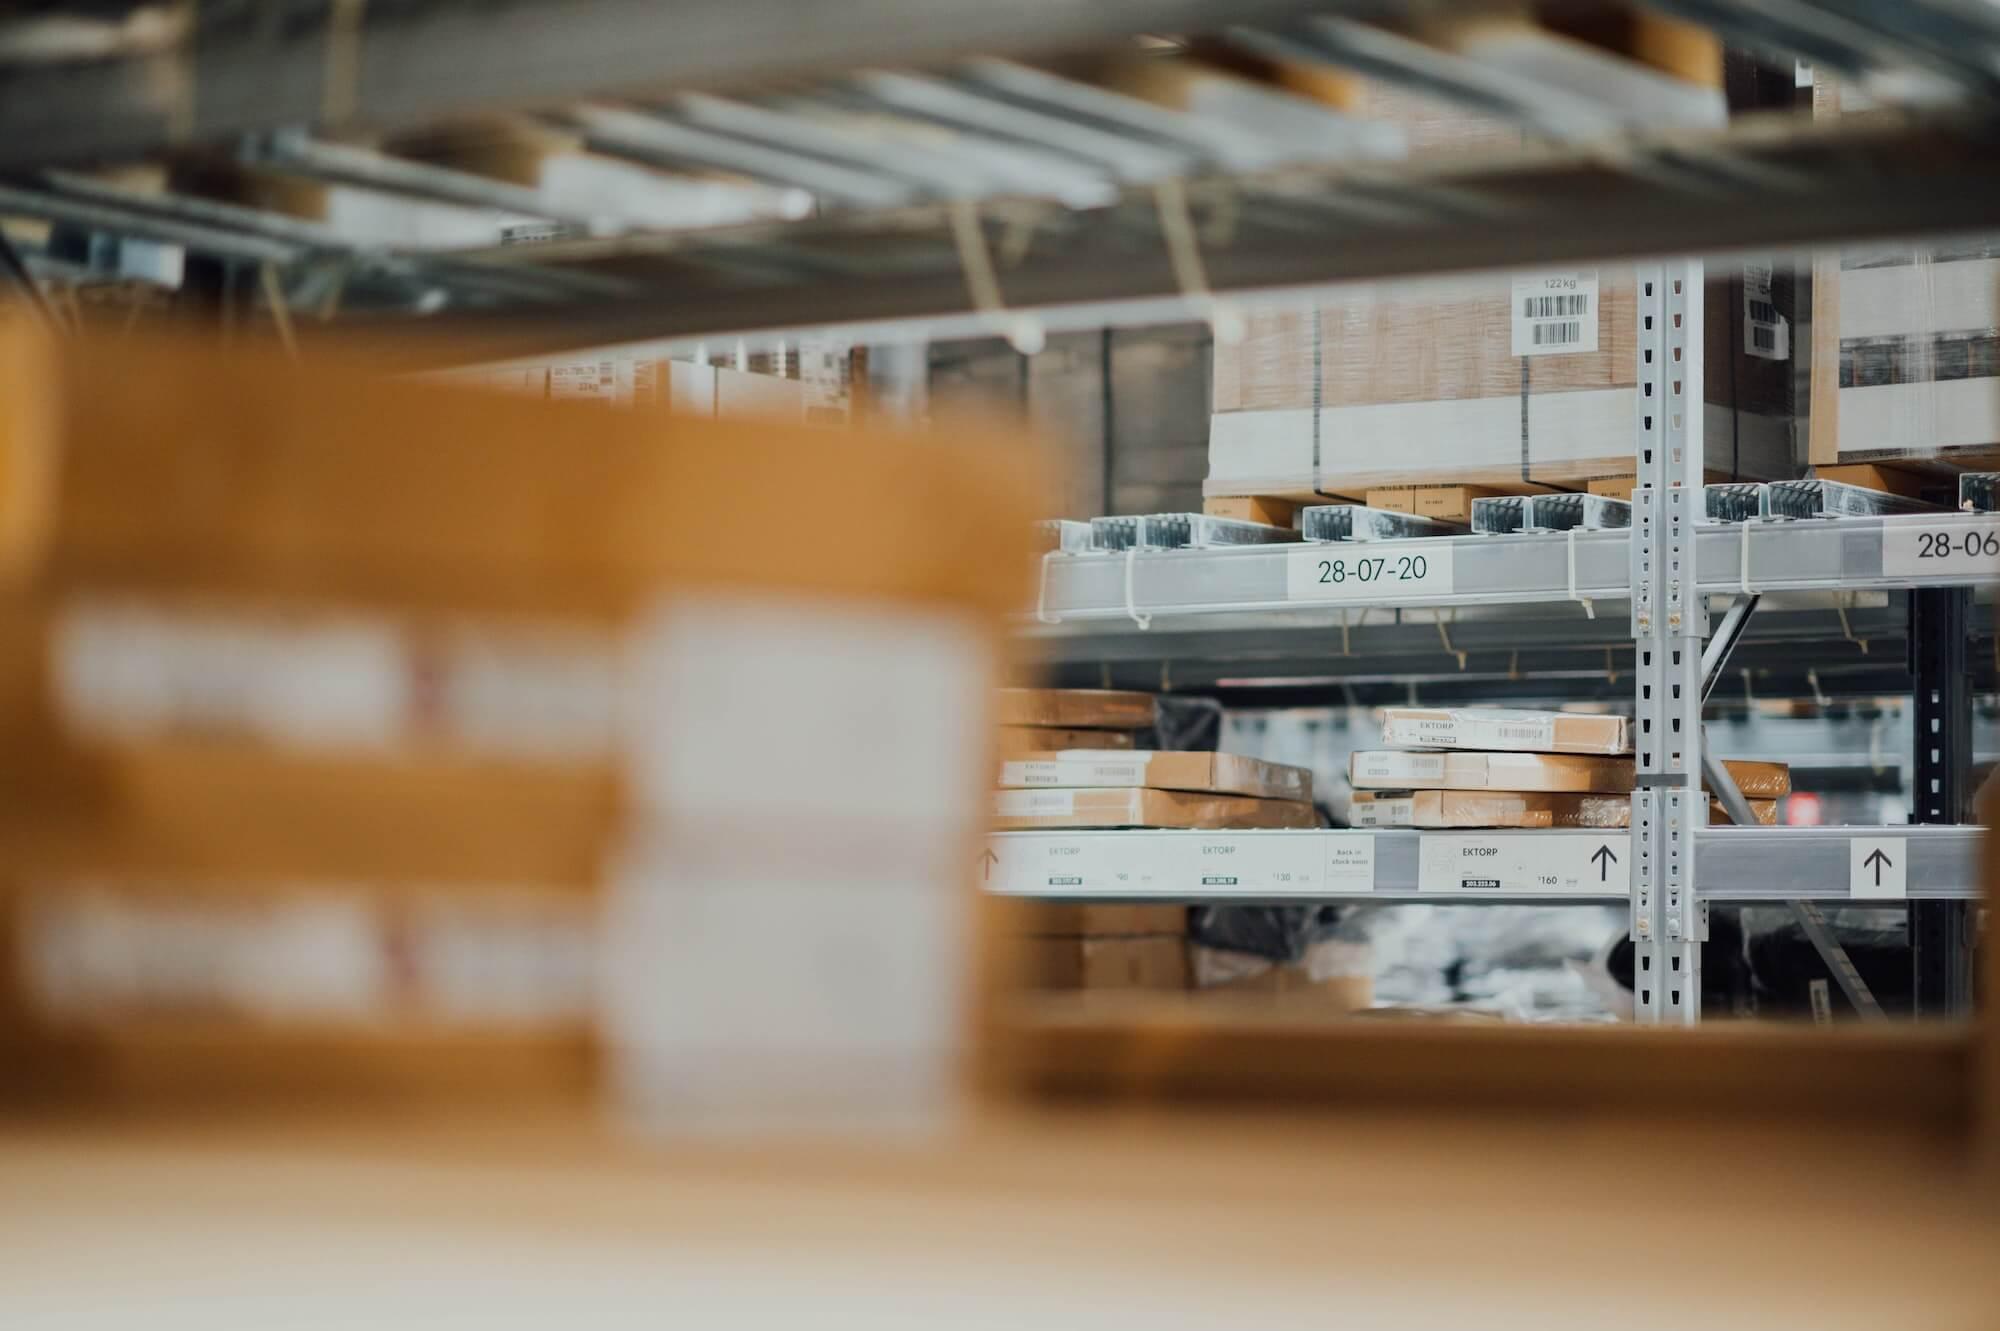 Carton entreposé dans les étagères de stock